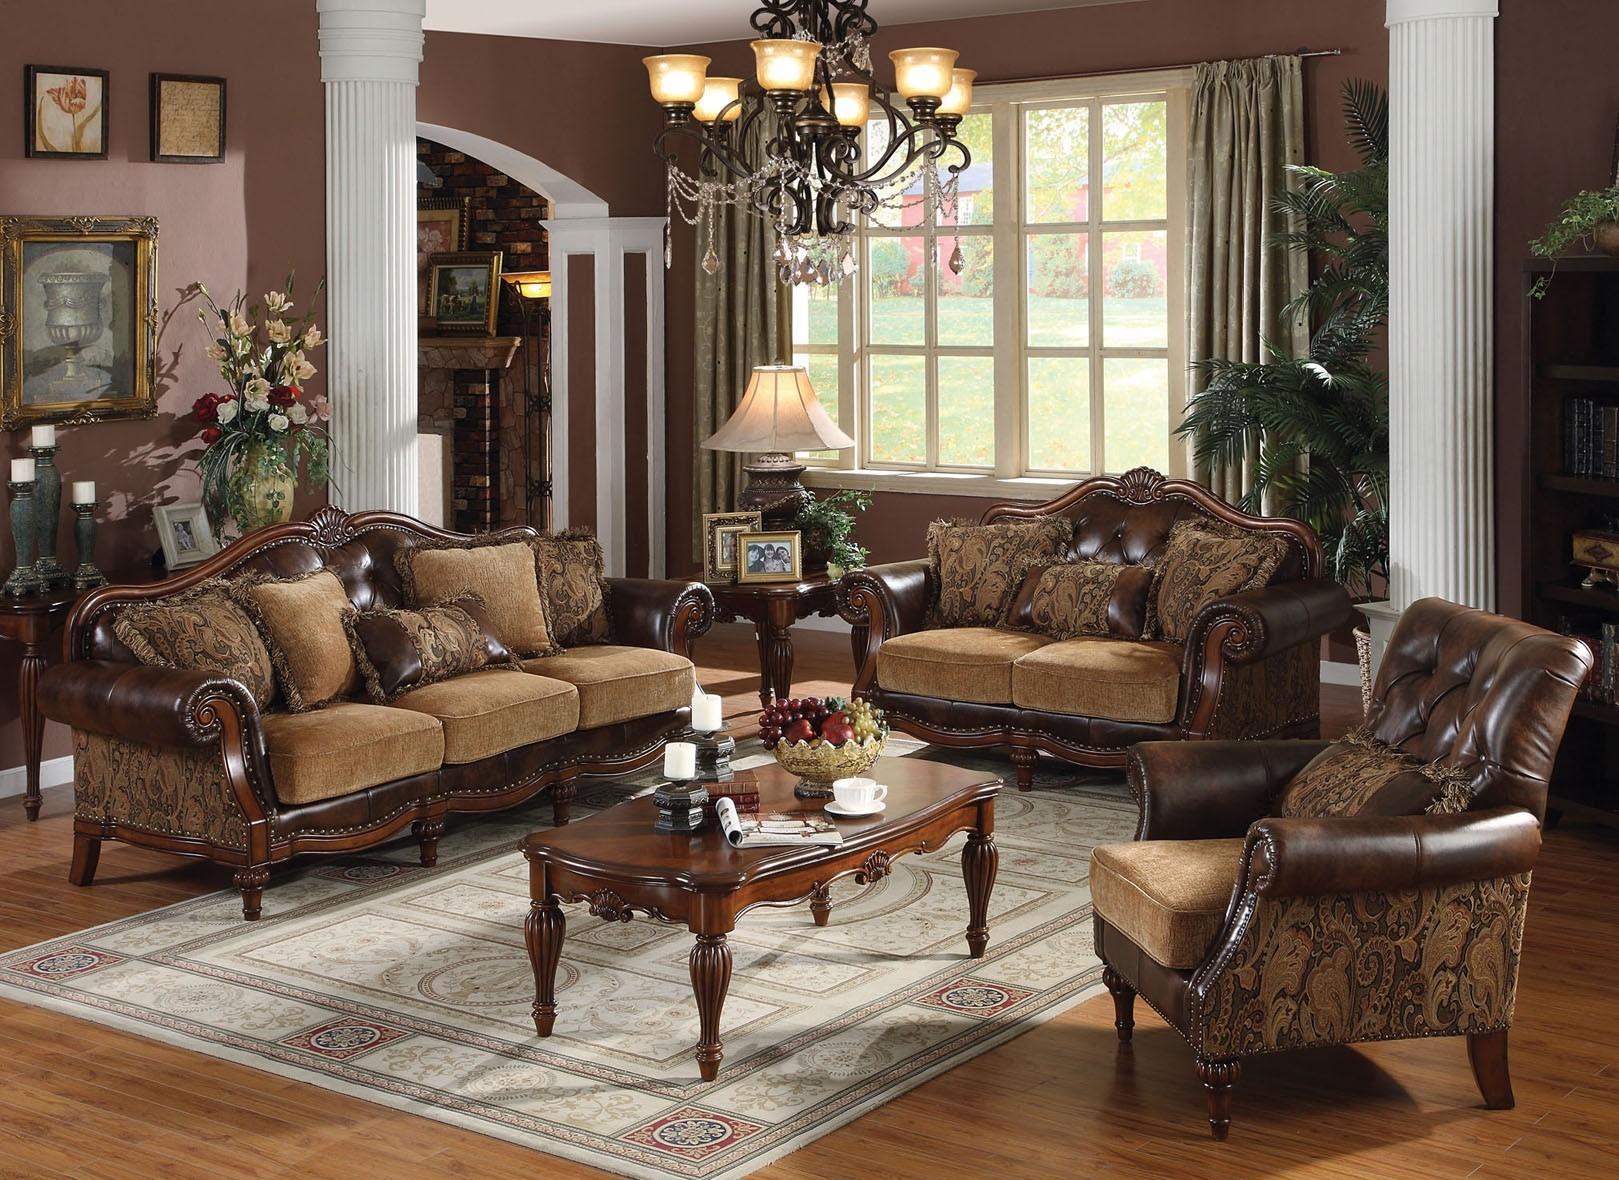 Классическая гостиная в коричневых тонах